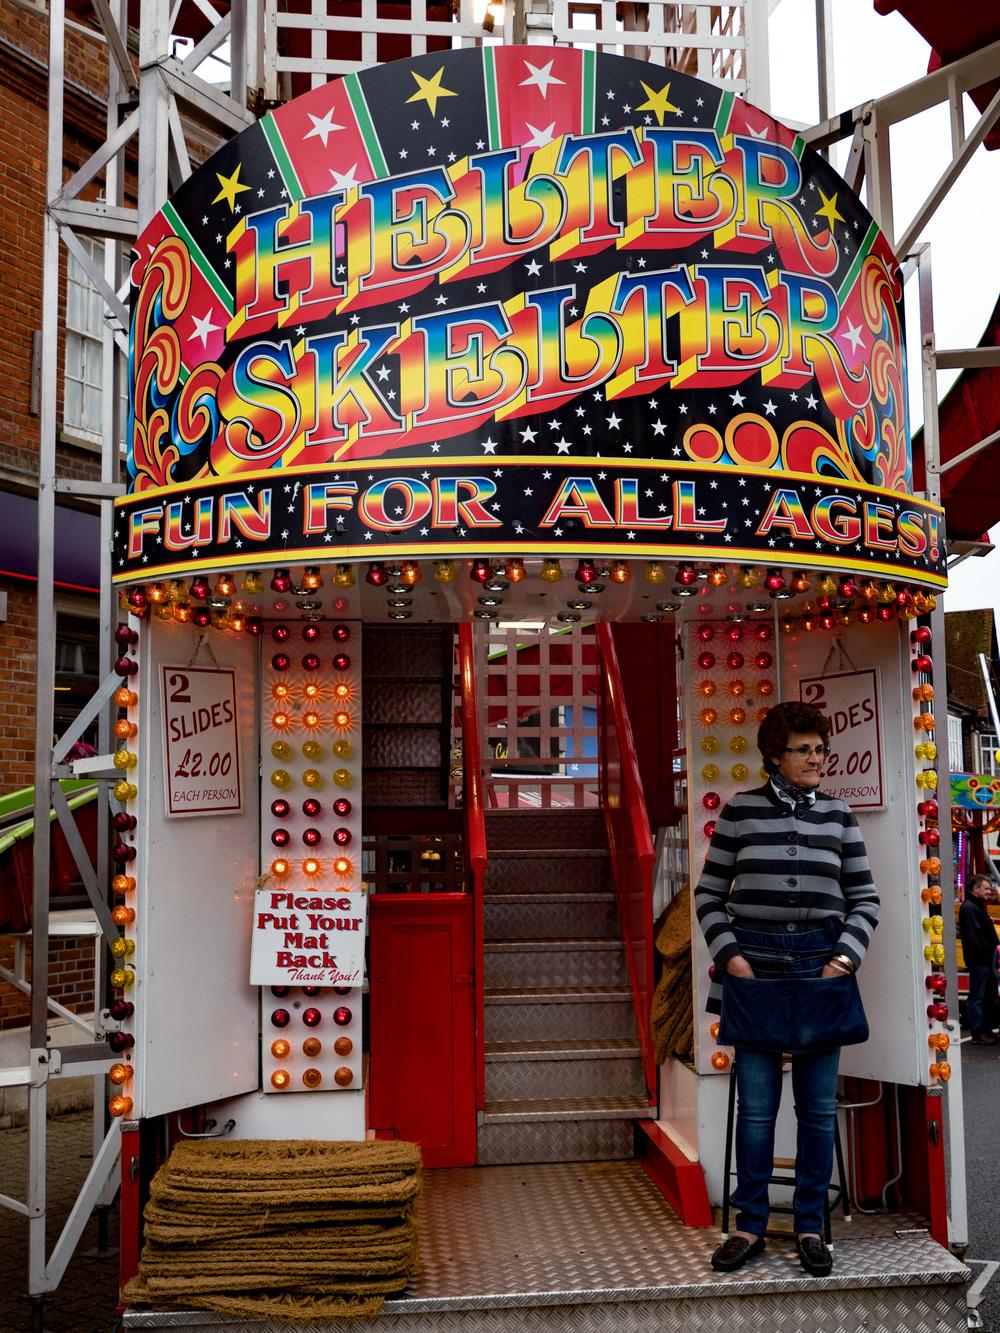 Slides, £2 a go